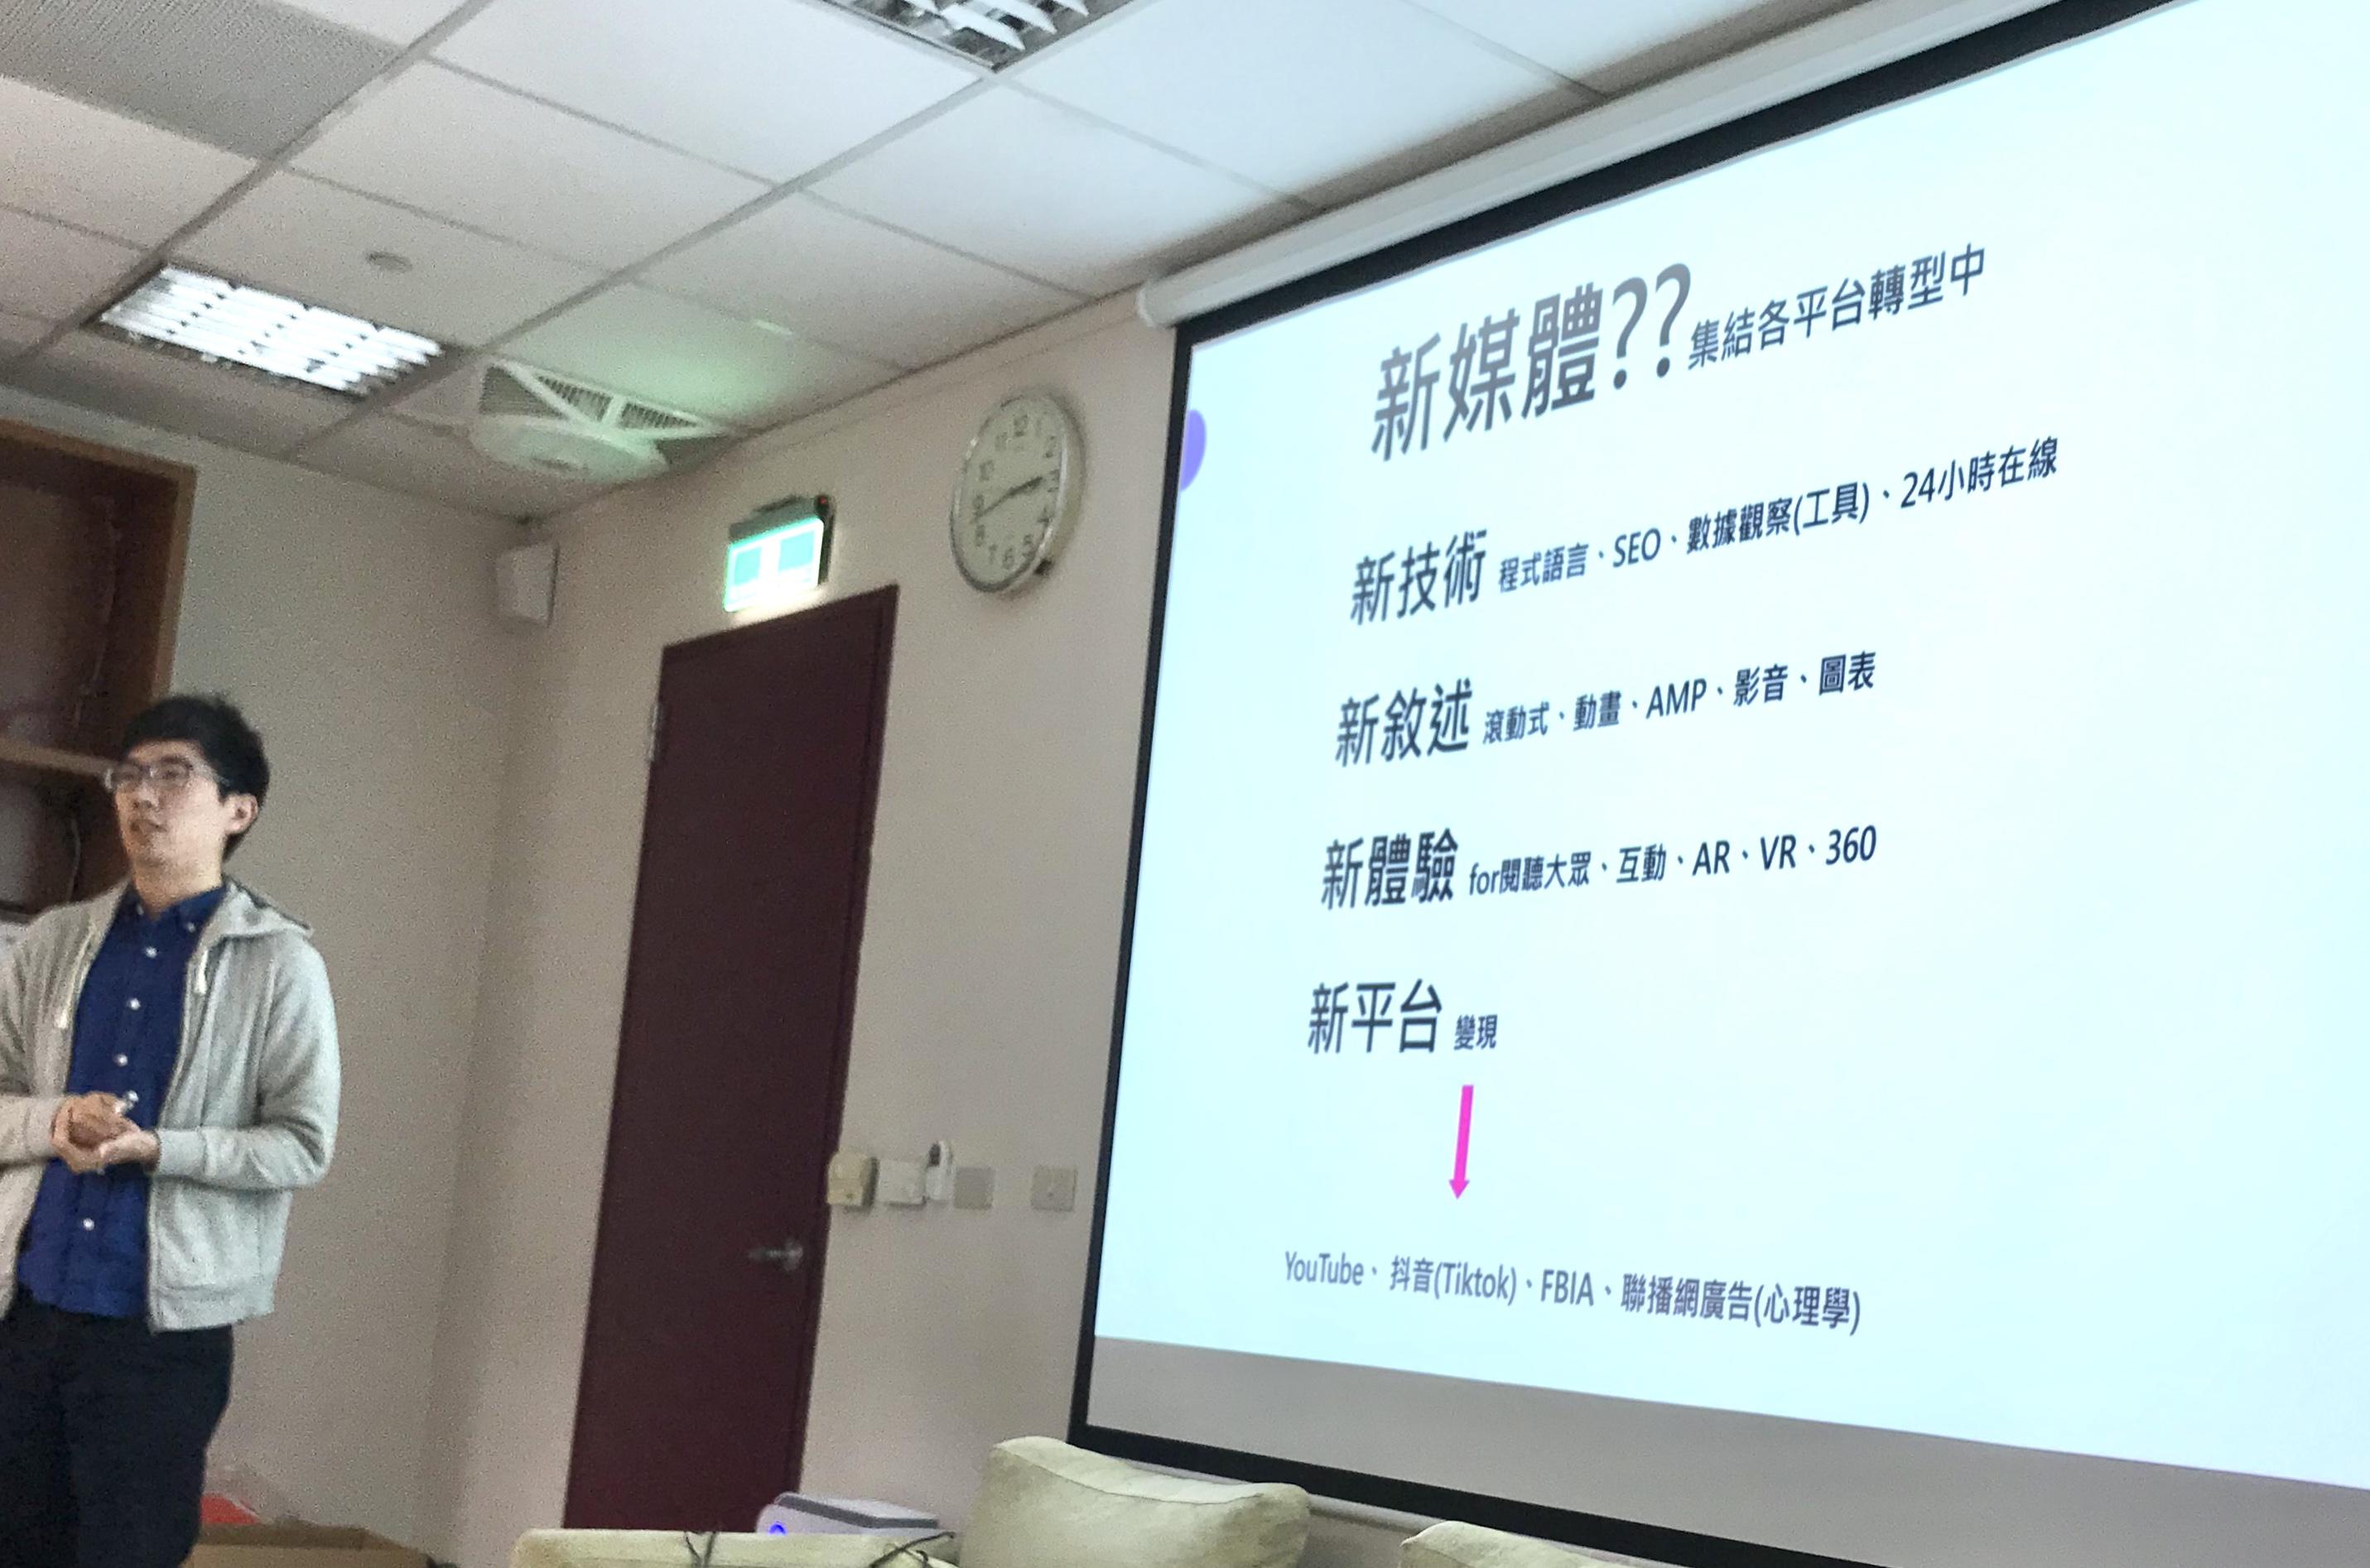 (圖五)東森新聞雲新聞部講師分享新媒體趨勢。攝影/劉宣廷